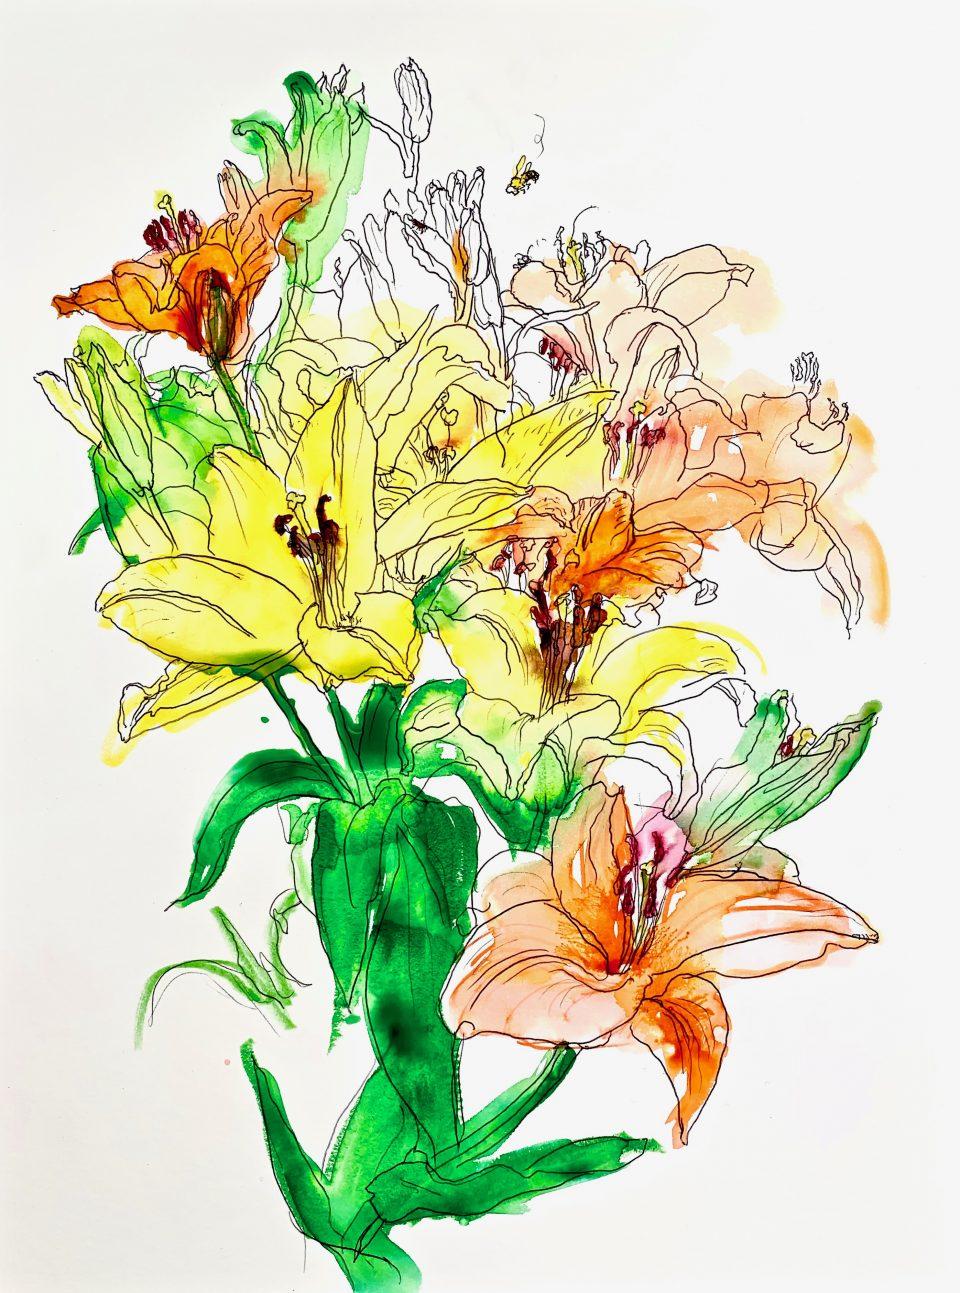 15 printemps, encre sur papier, 49x31cm, 2020